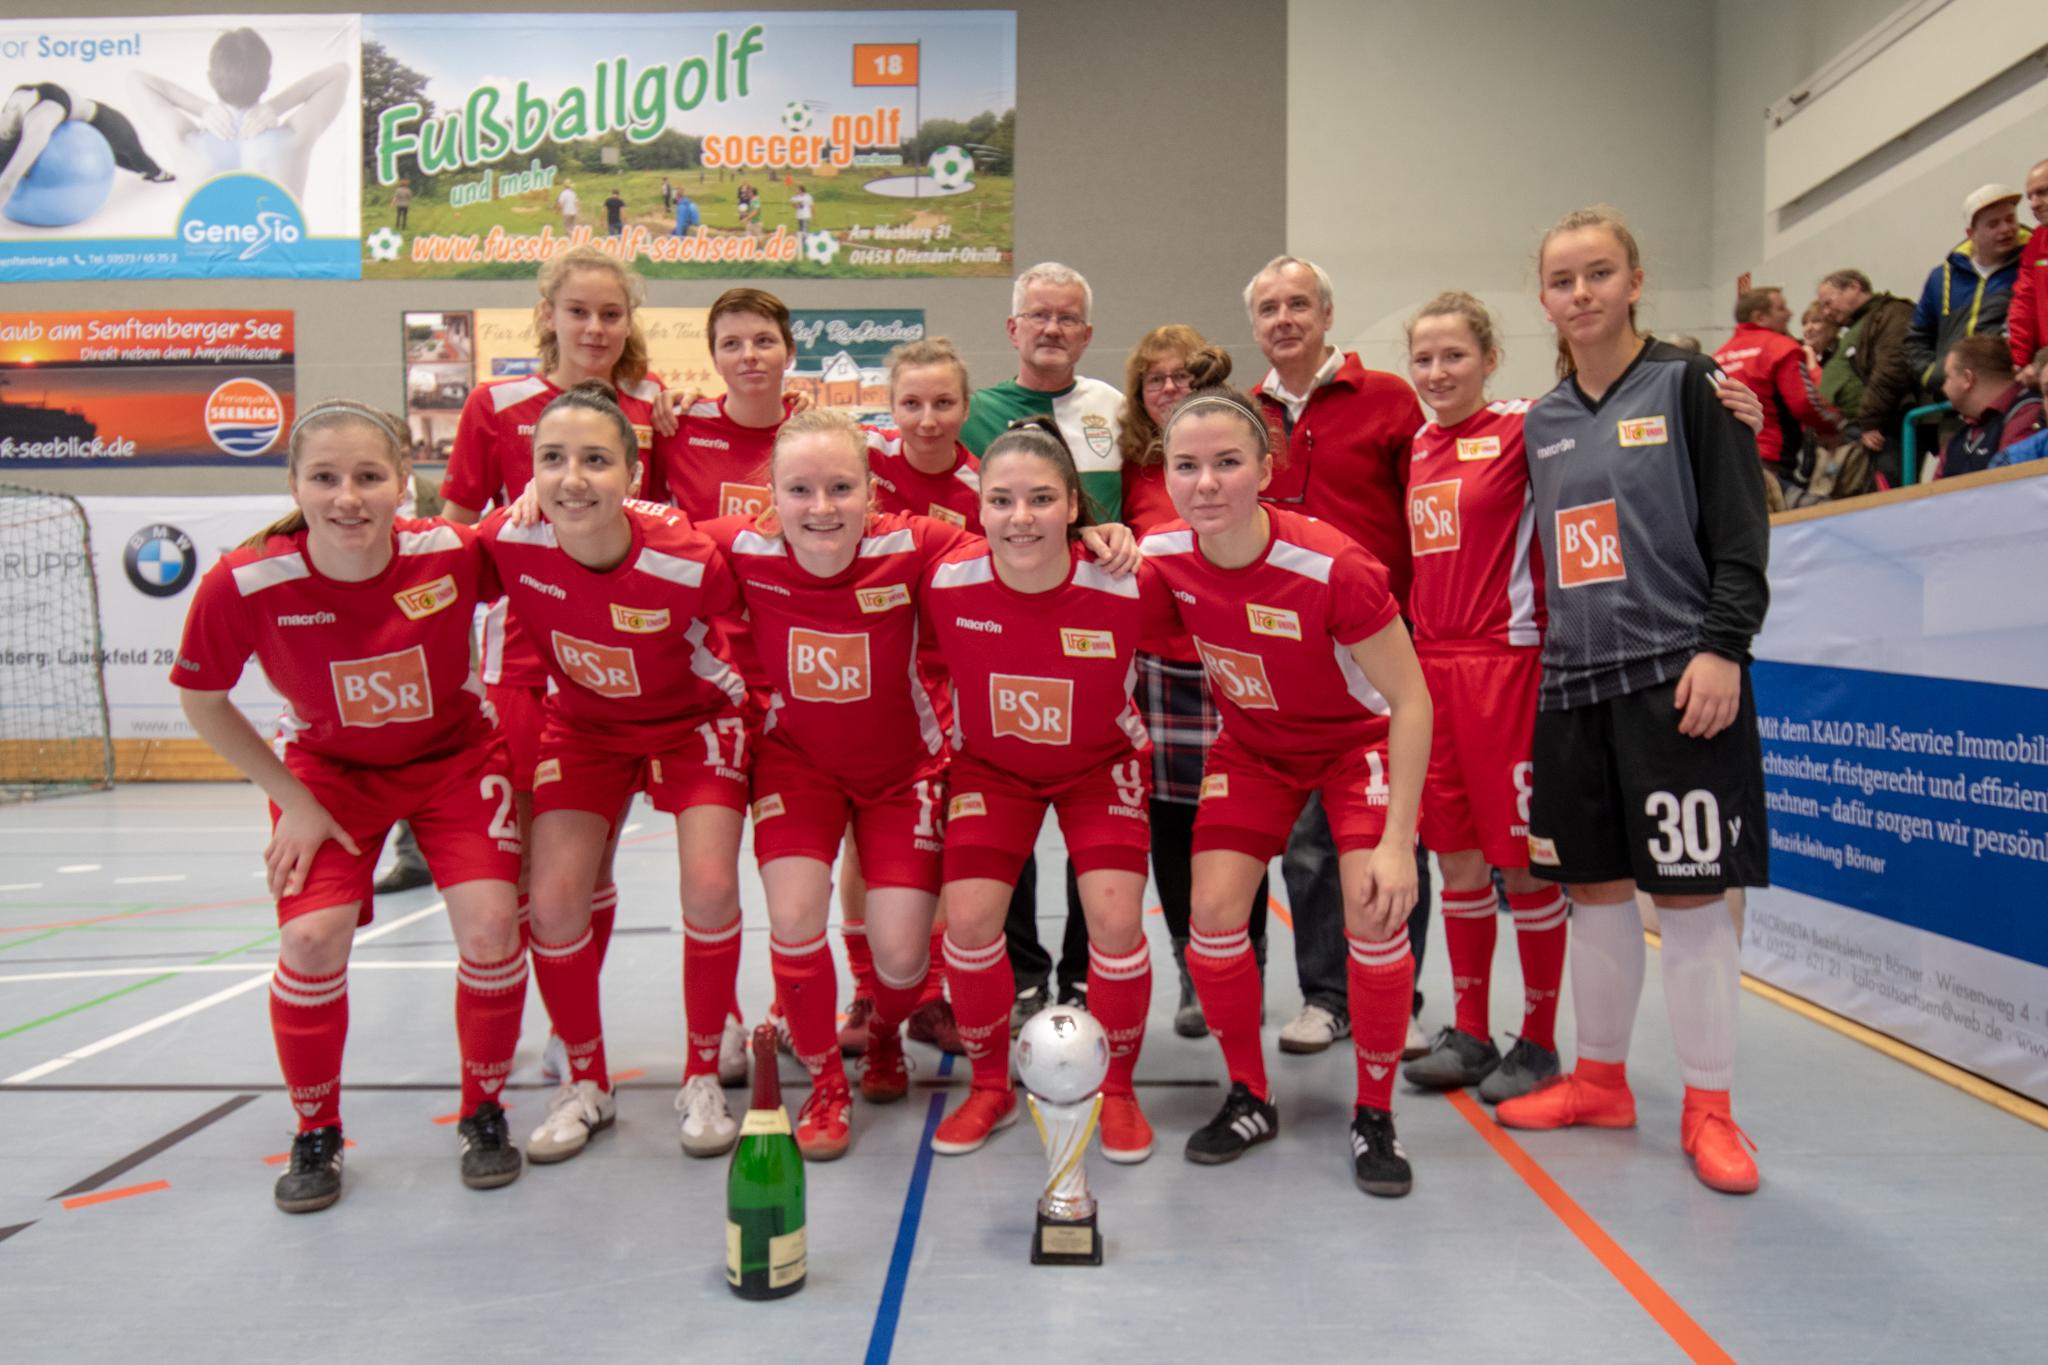 20190113  IDX7065, Frauenfußball, Großkoschen, Seesporthalle, Soccergolf Sachsen, Turnier